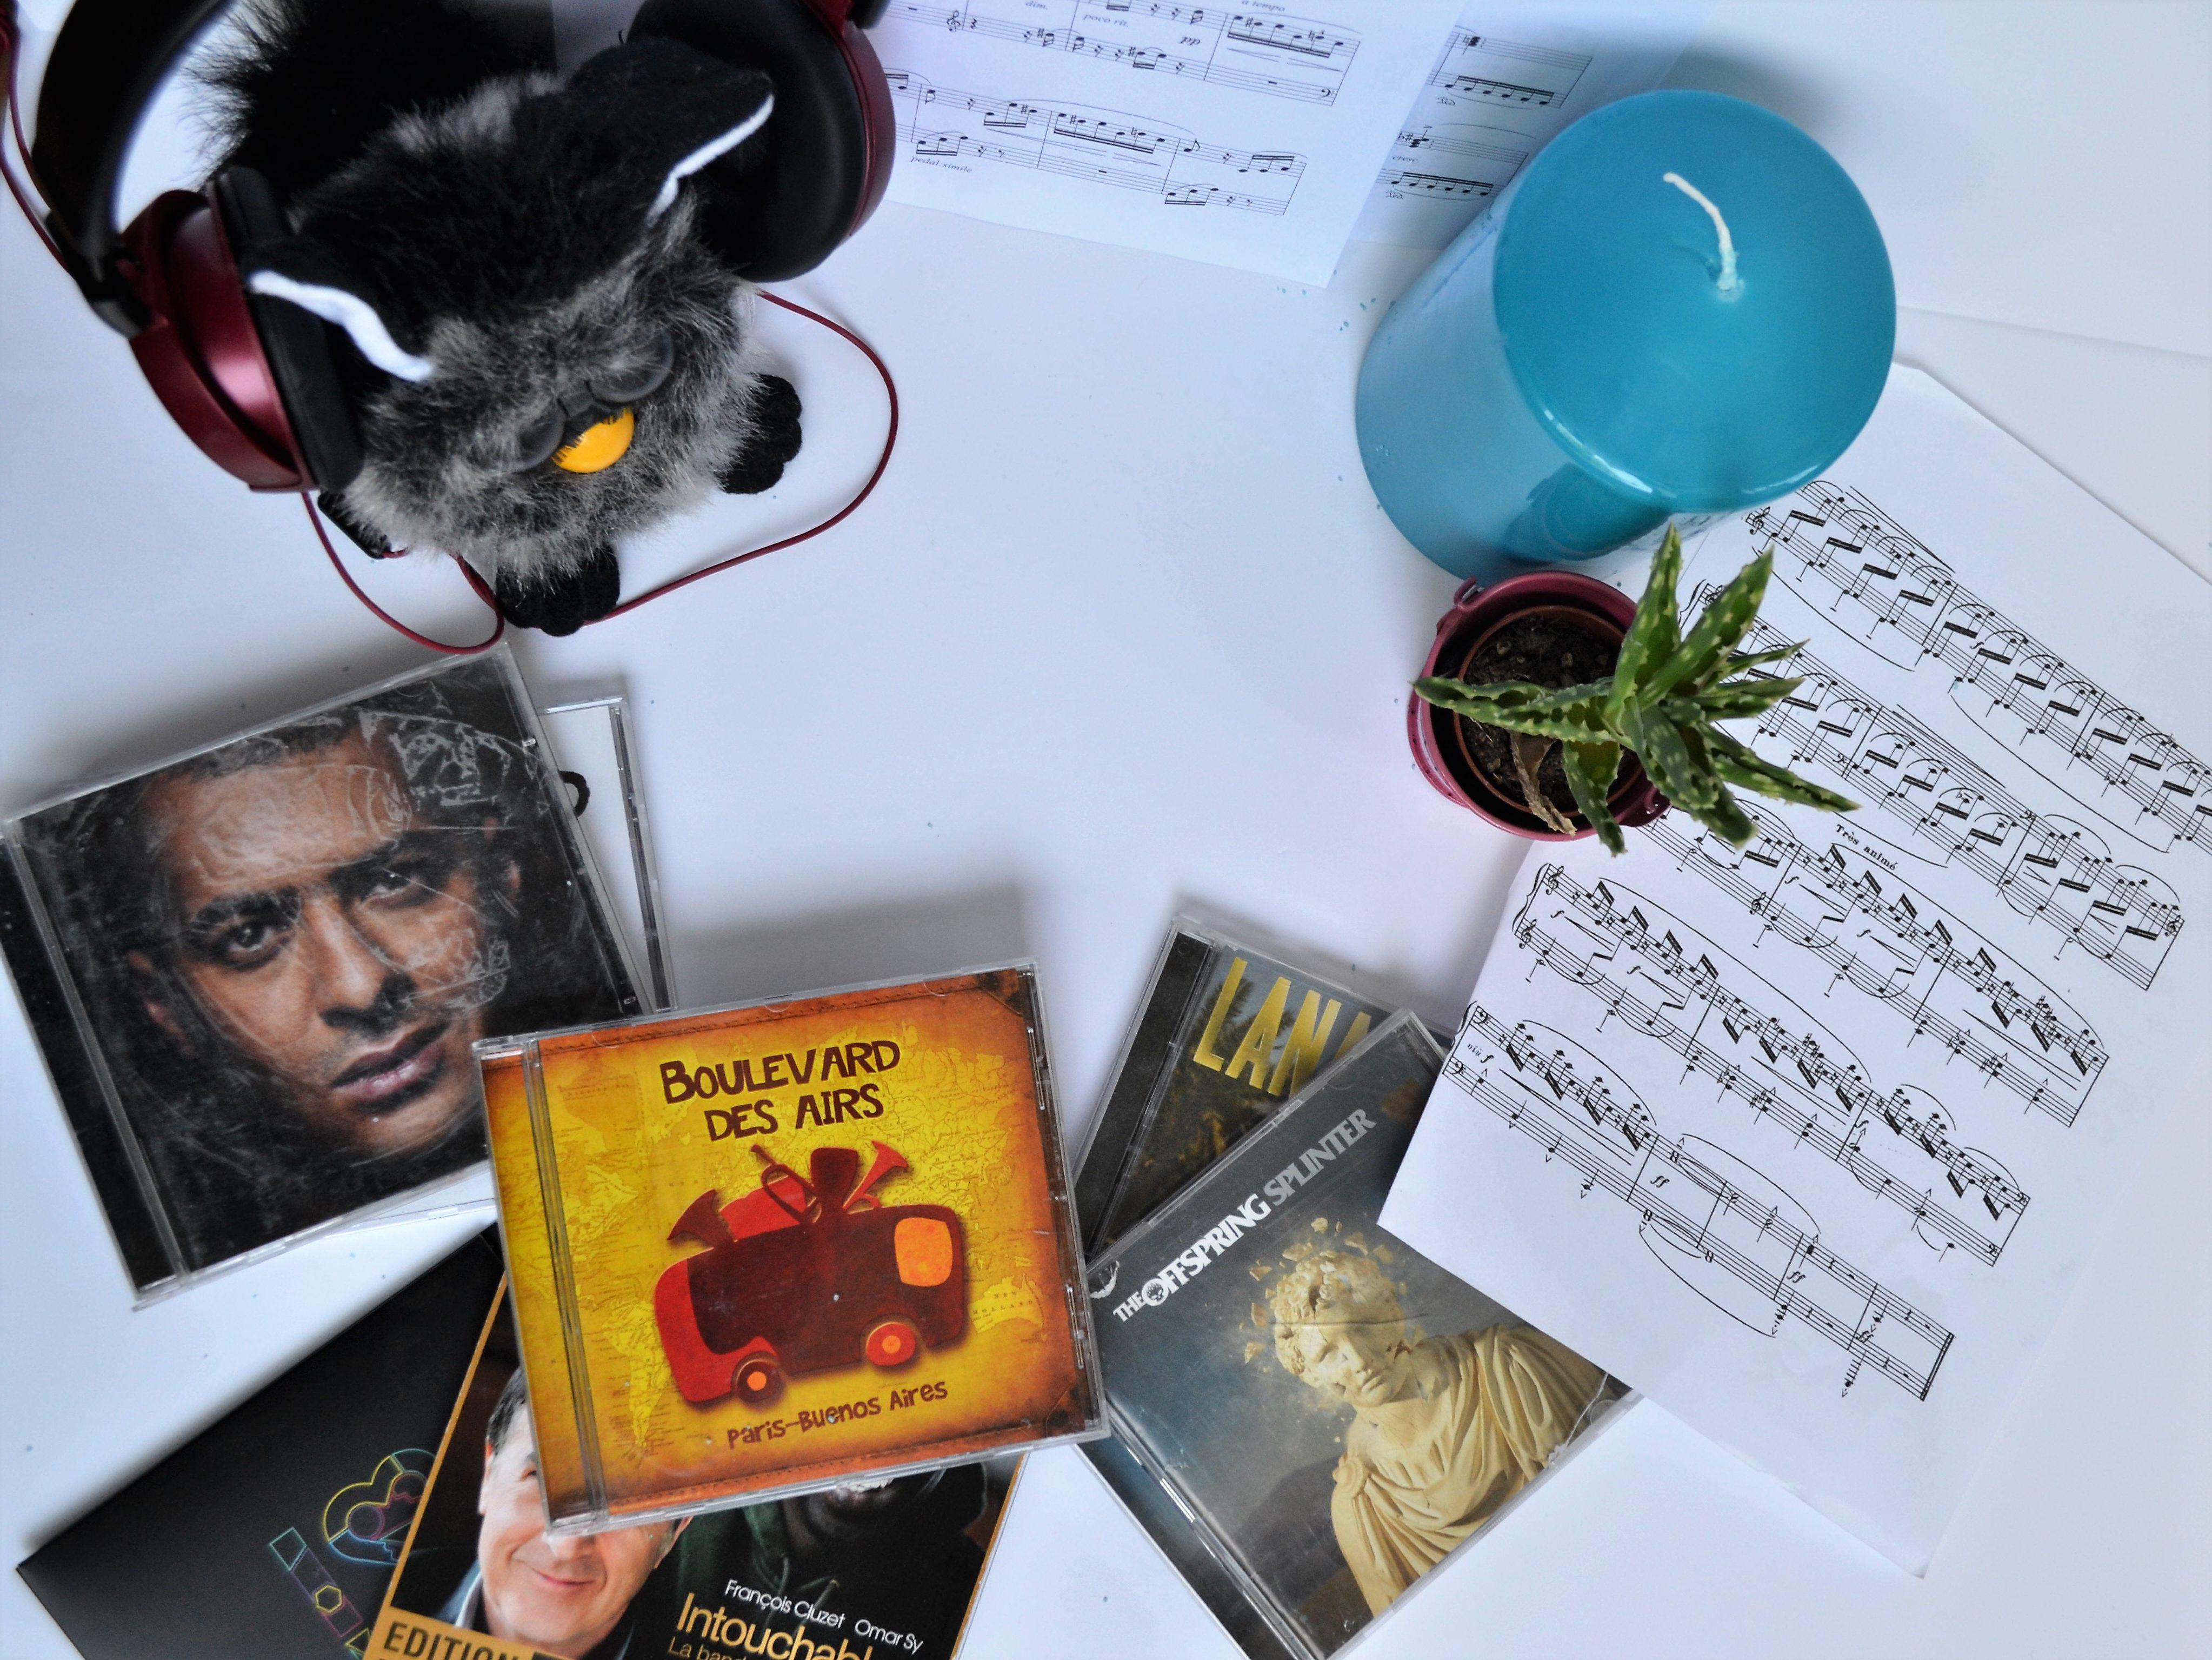 Les instants musicaux #2